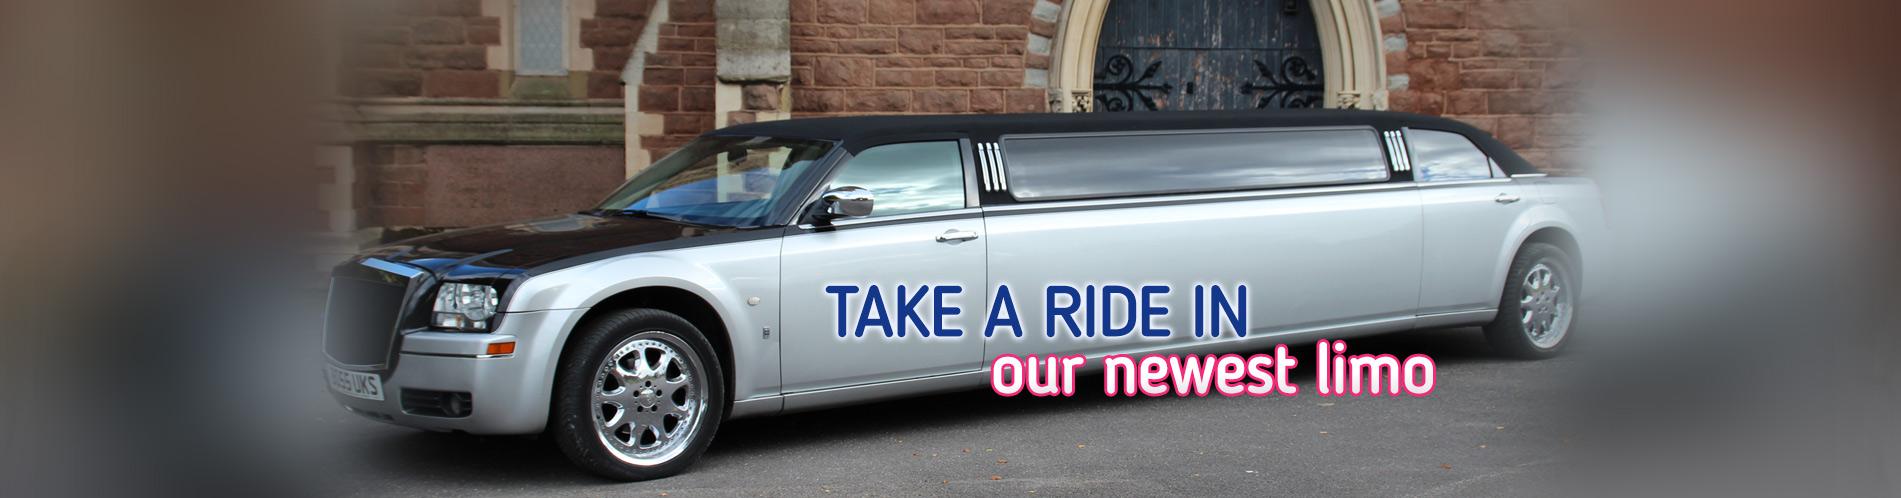 chrystler-limo-banner